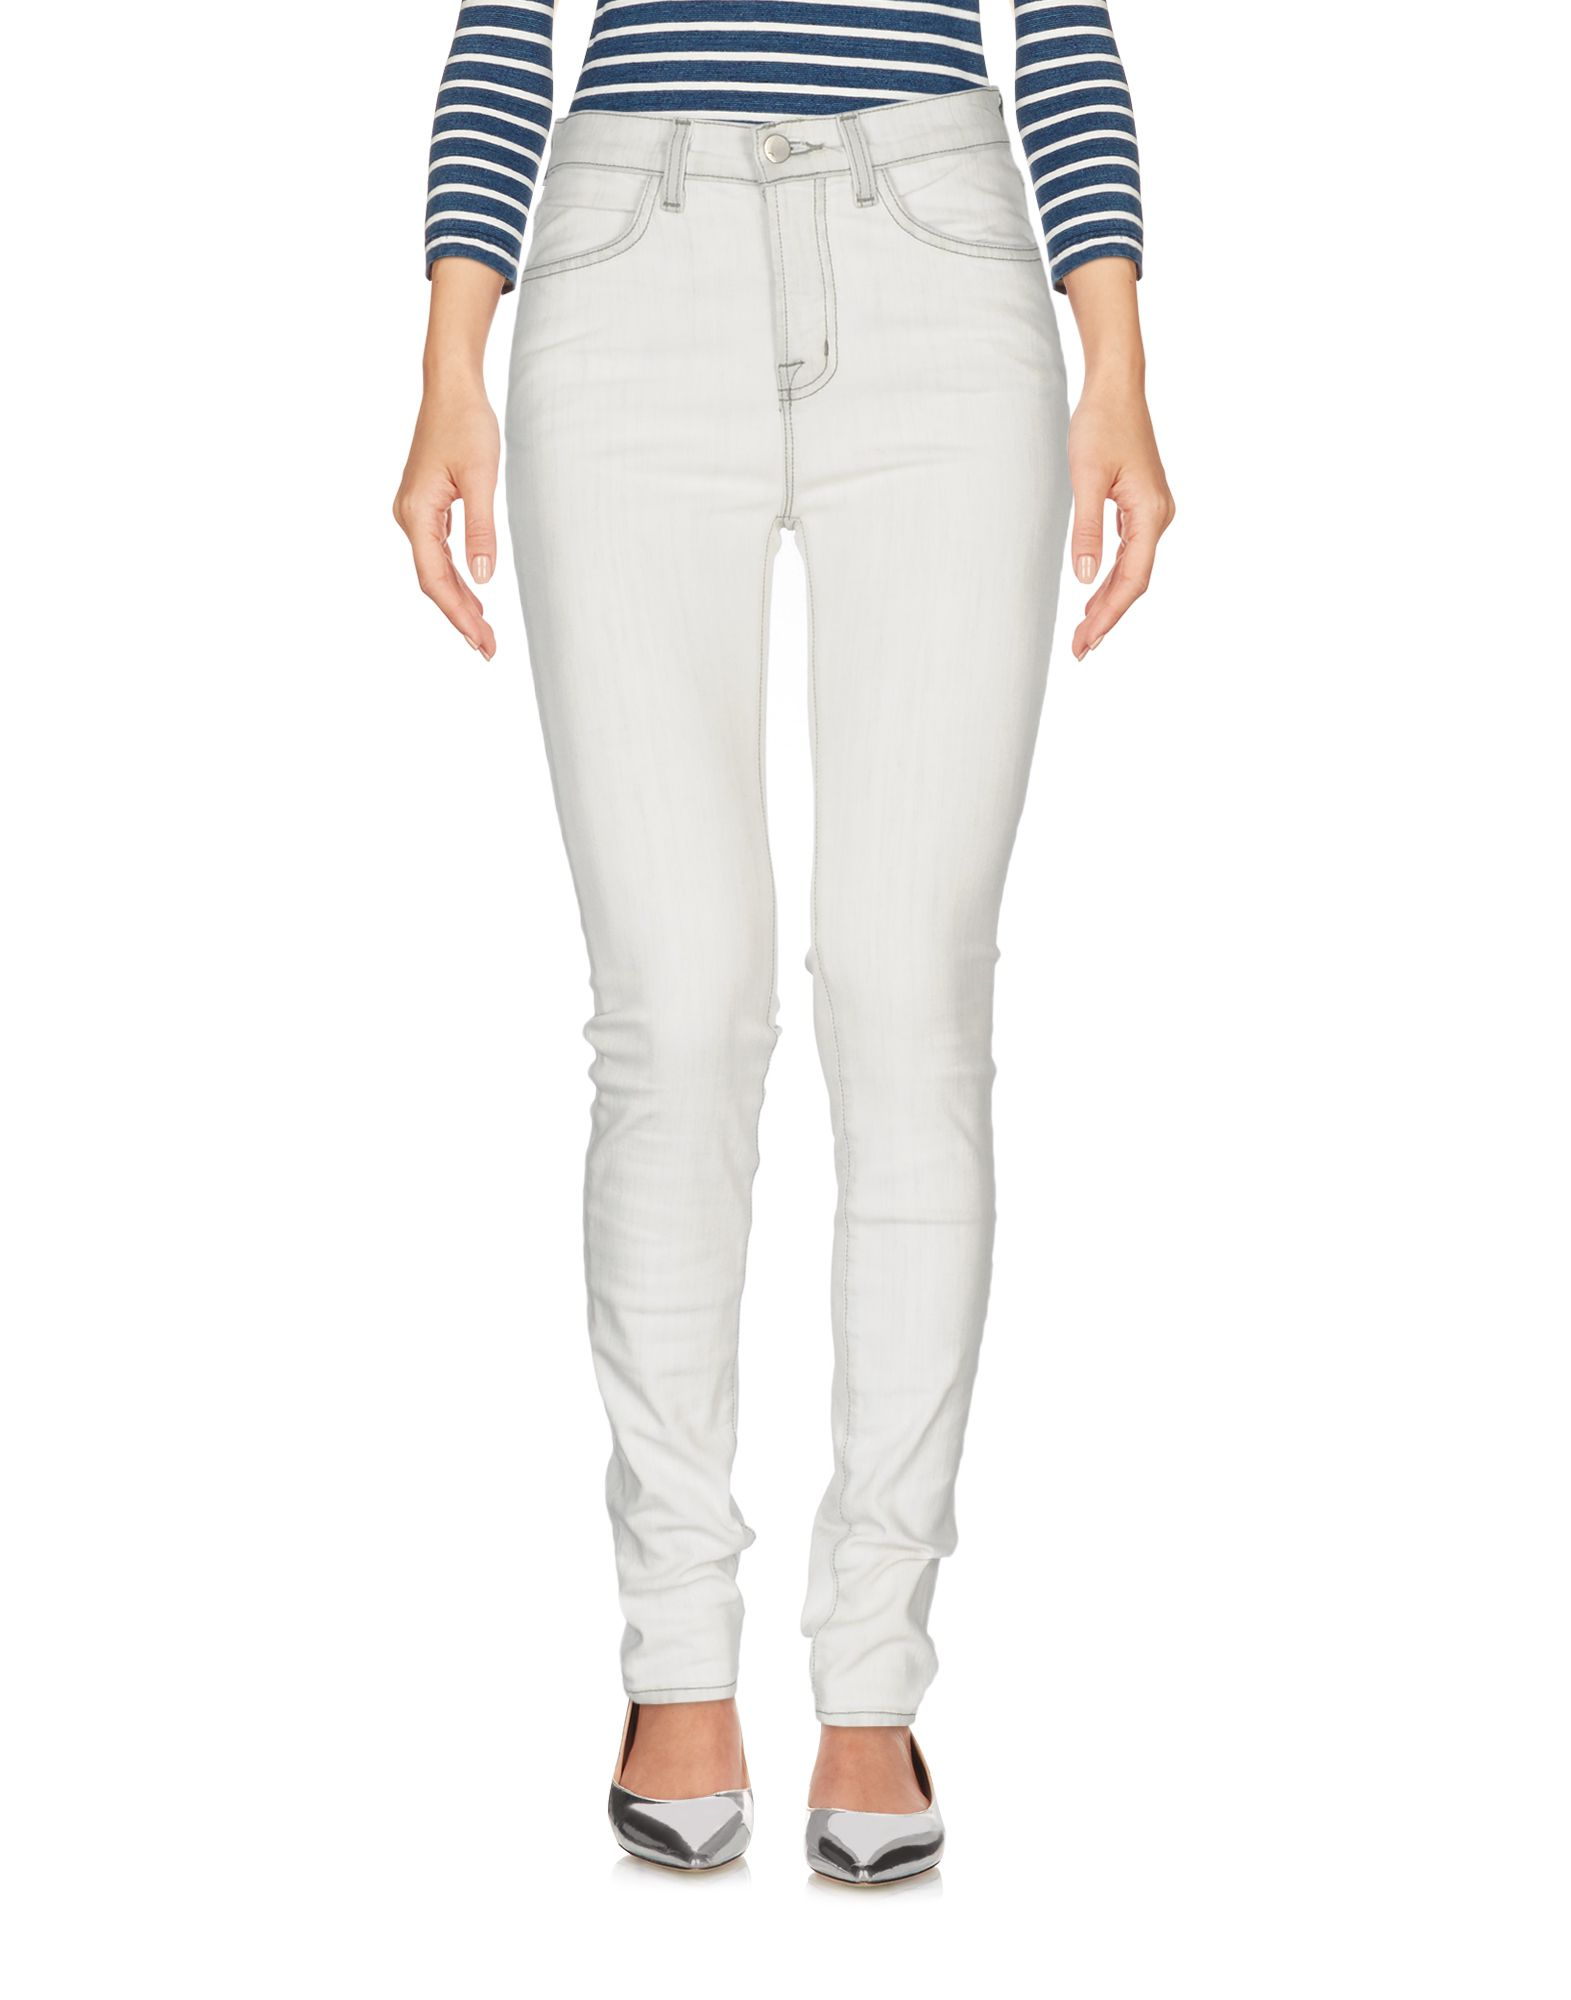 Pantaloni Jeans J Brand Donna - Acquista online su bPW6sWKny